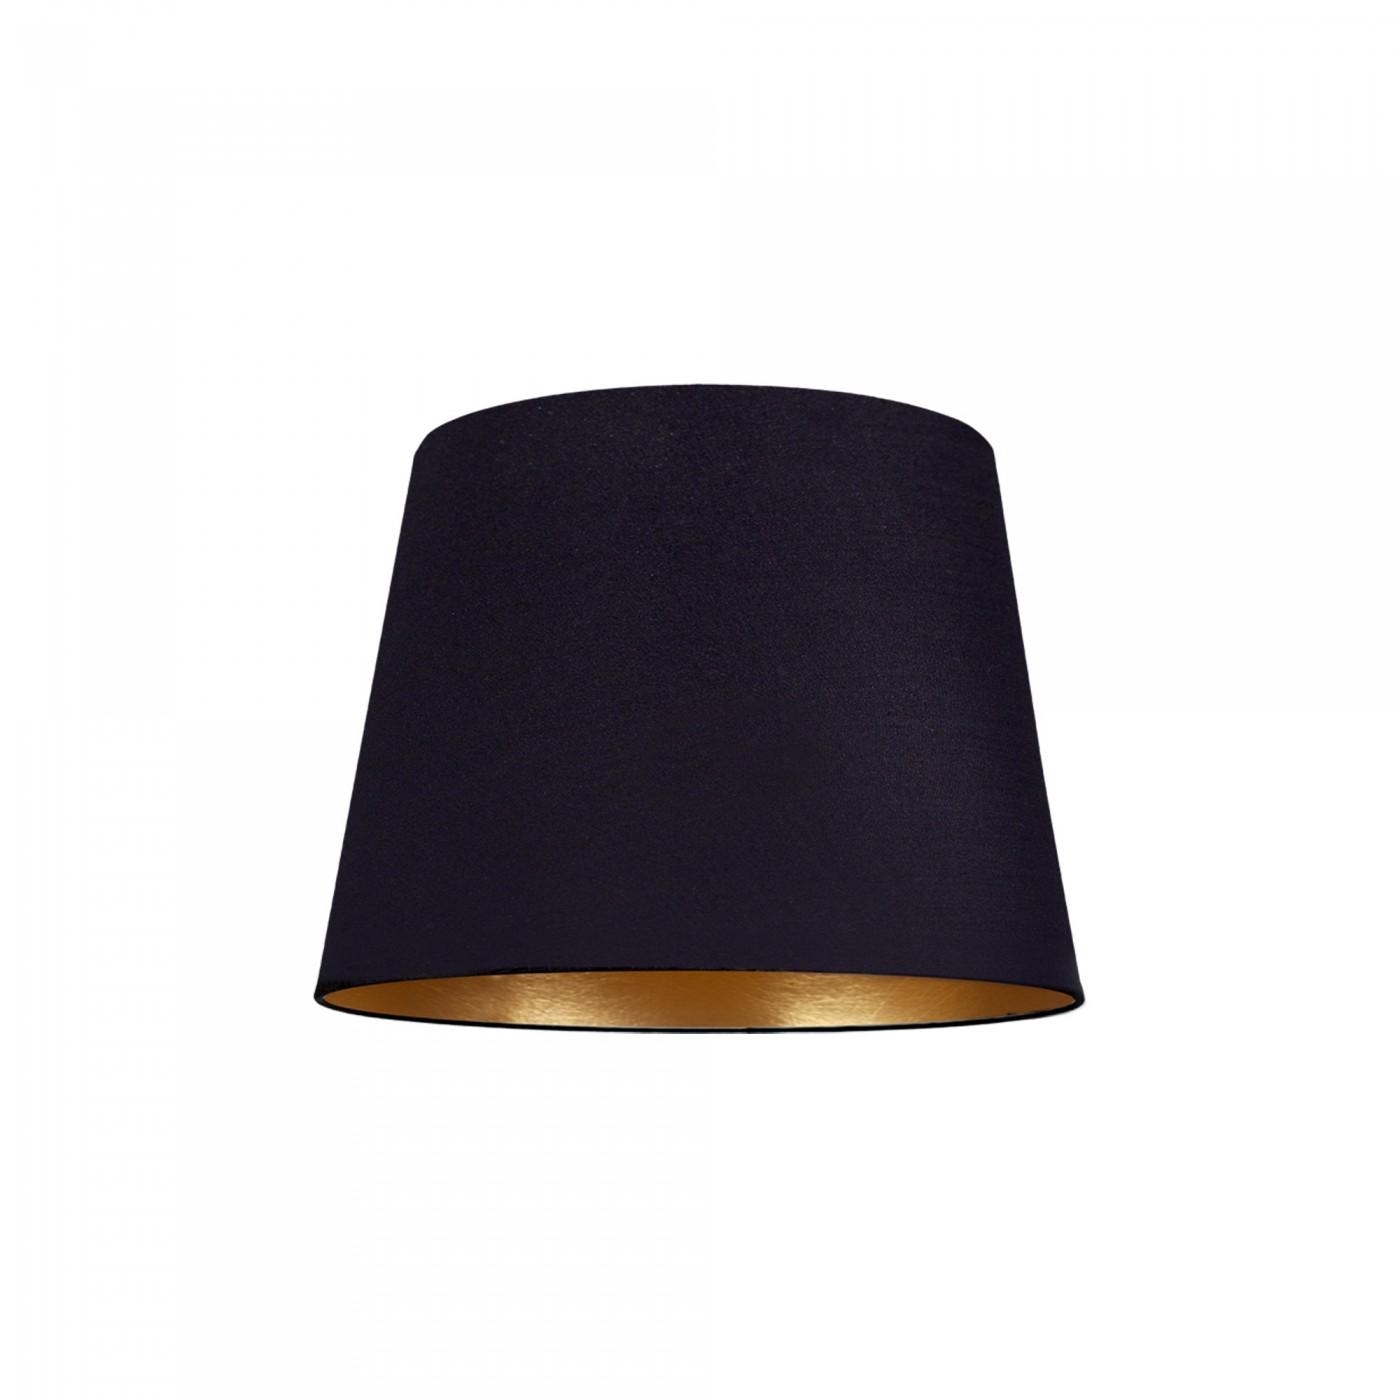 CAMELEON CONE M BL/G 8411 Nowodvorski Lighting